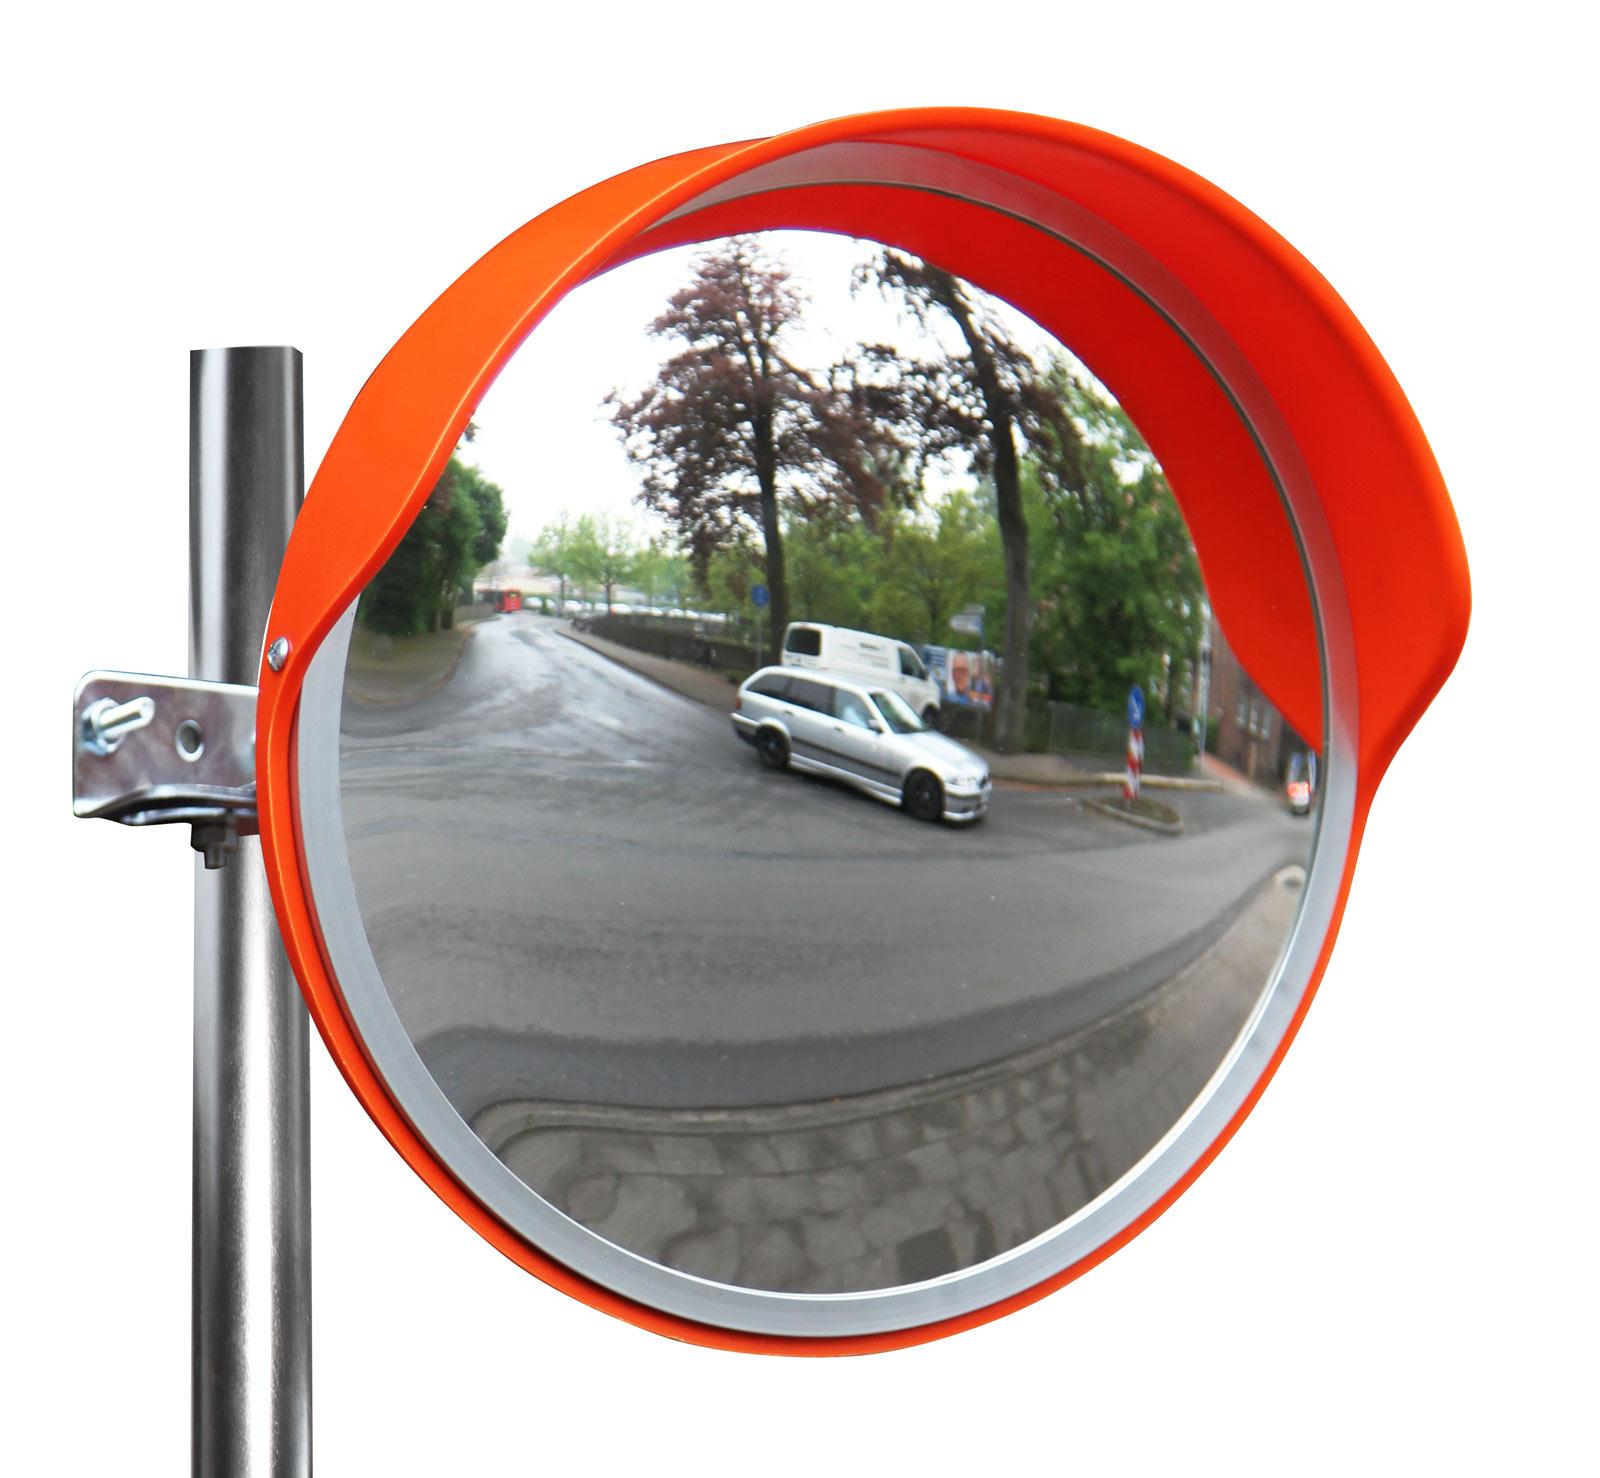 kassenspiegel konvex 60 cm sicherheitsspiegel panorama spiegel verkehrsspiegel ebay. Black Bedroom Furniture Sets. Home Design Ideas